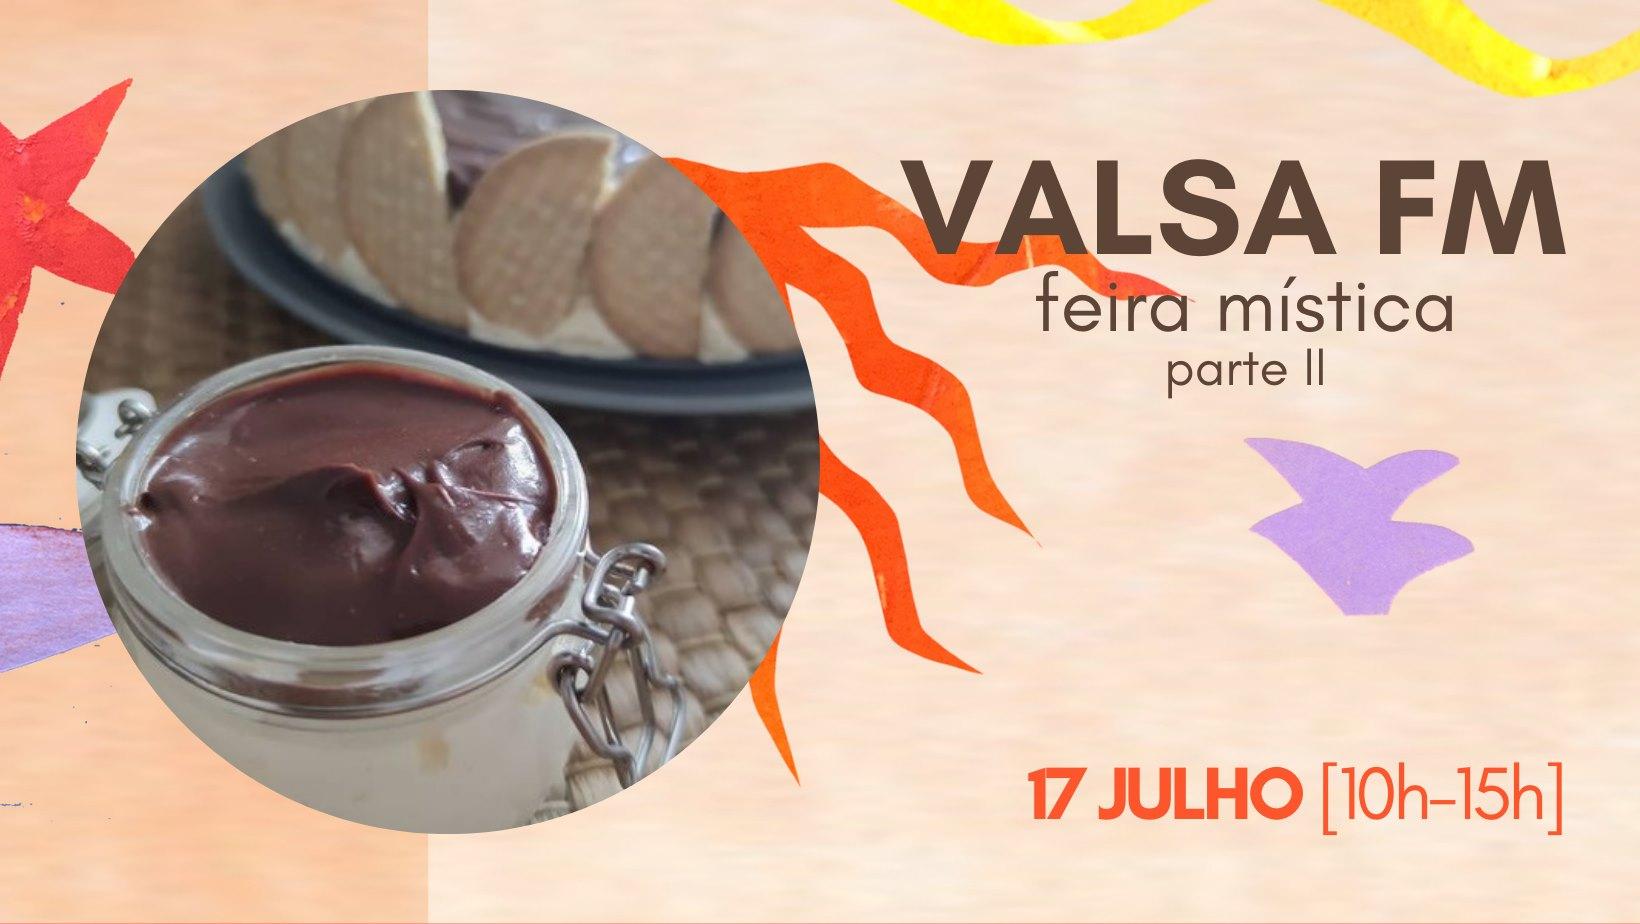 VALSA FM | feira mística - parte II